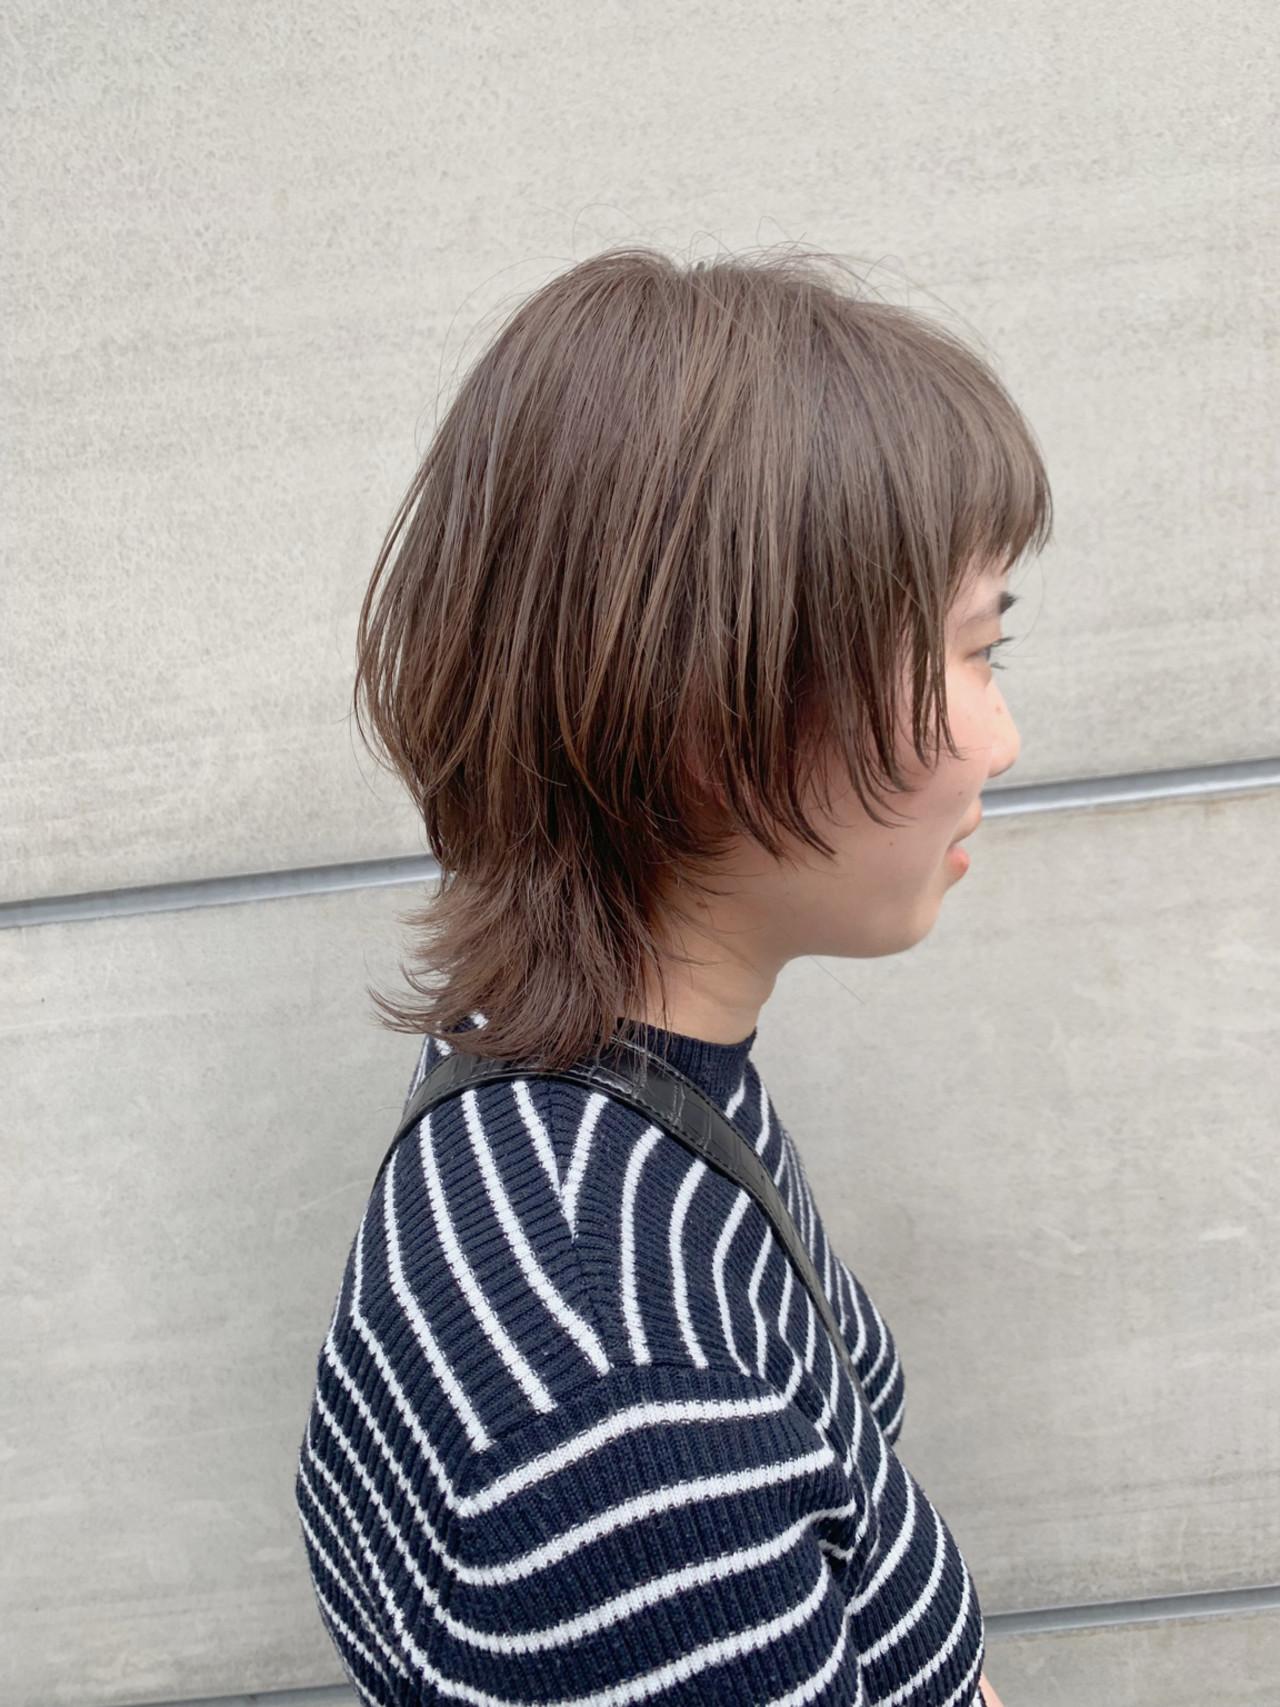 ウルフカット ナチュラル 透明感 ブリーチなし ヘアスタイルや髪型の写真・画像 | 園田 健太 / francoise marceau